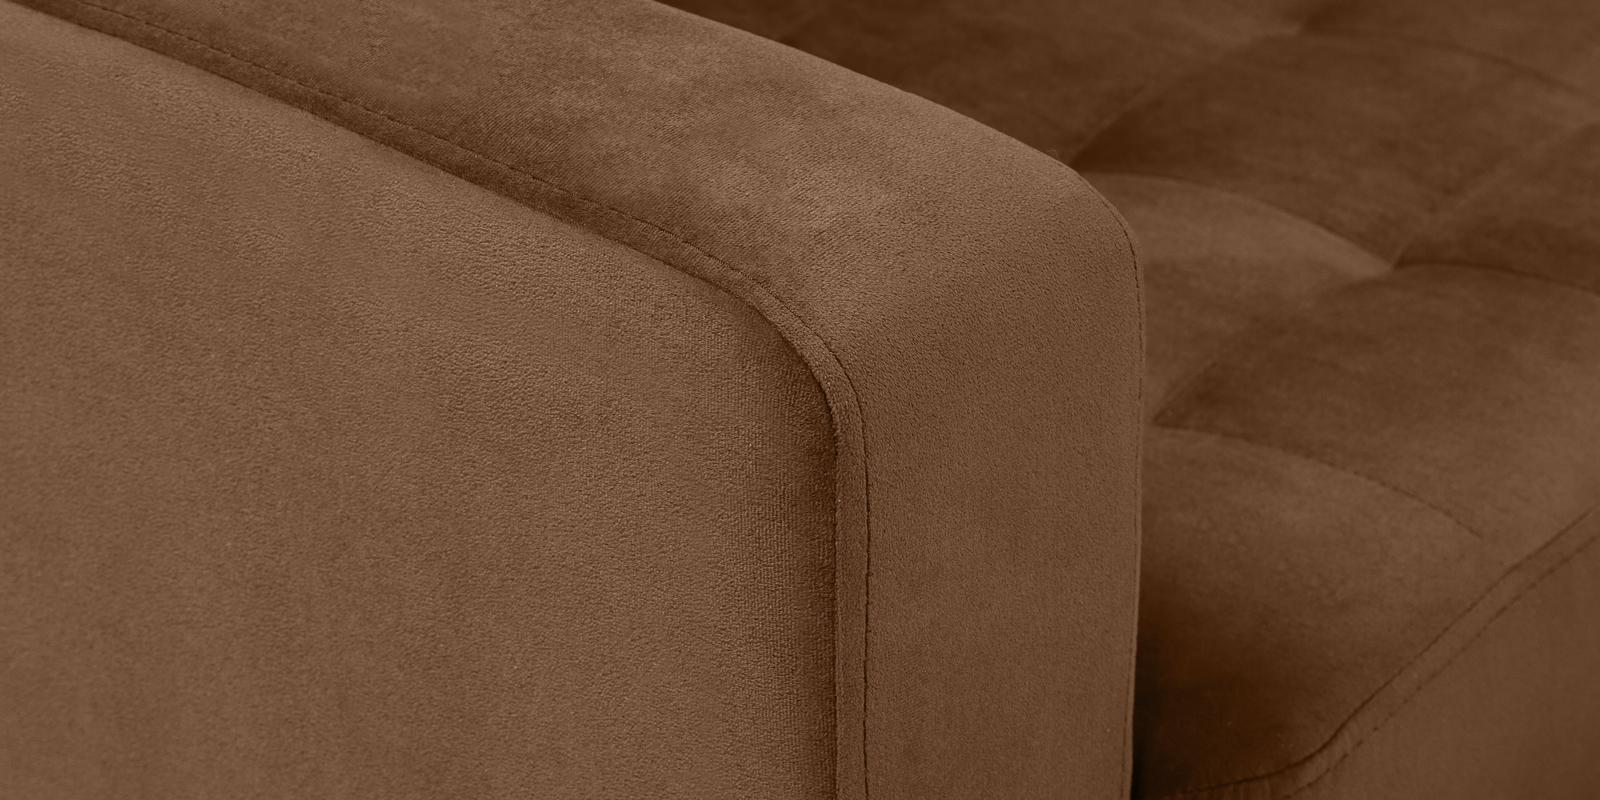 Диван тканевый угловой Камелот Velure коричневый (Велюр)